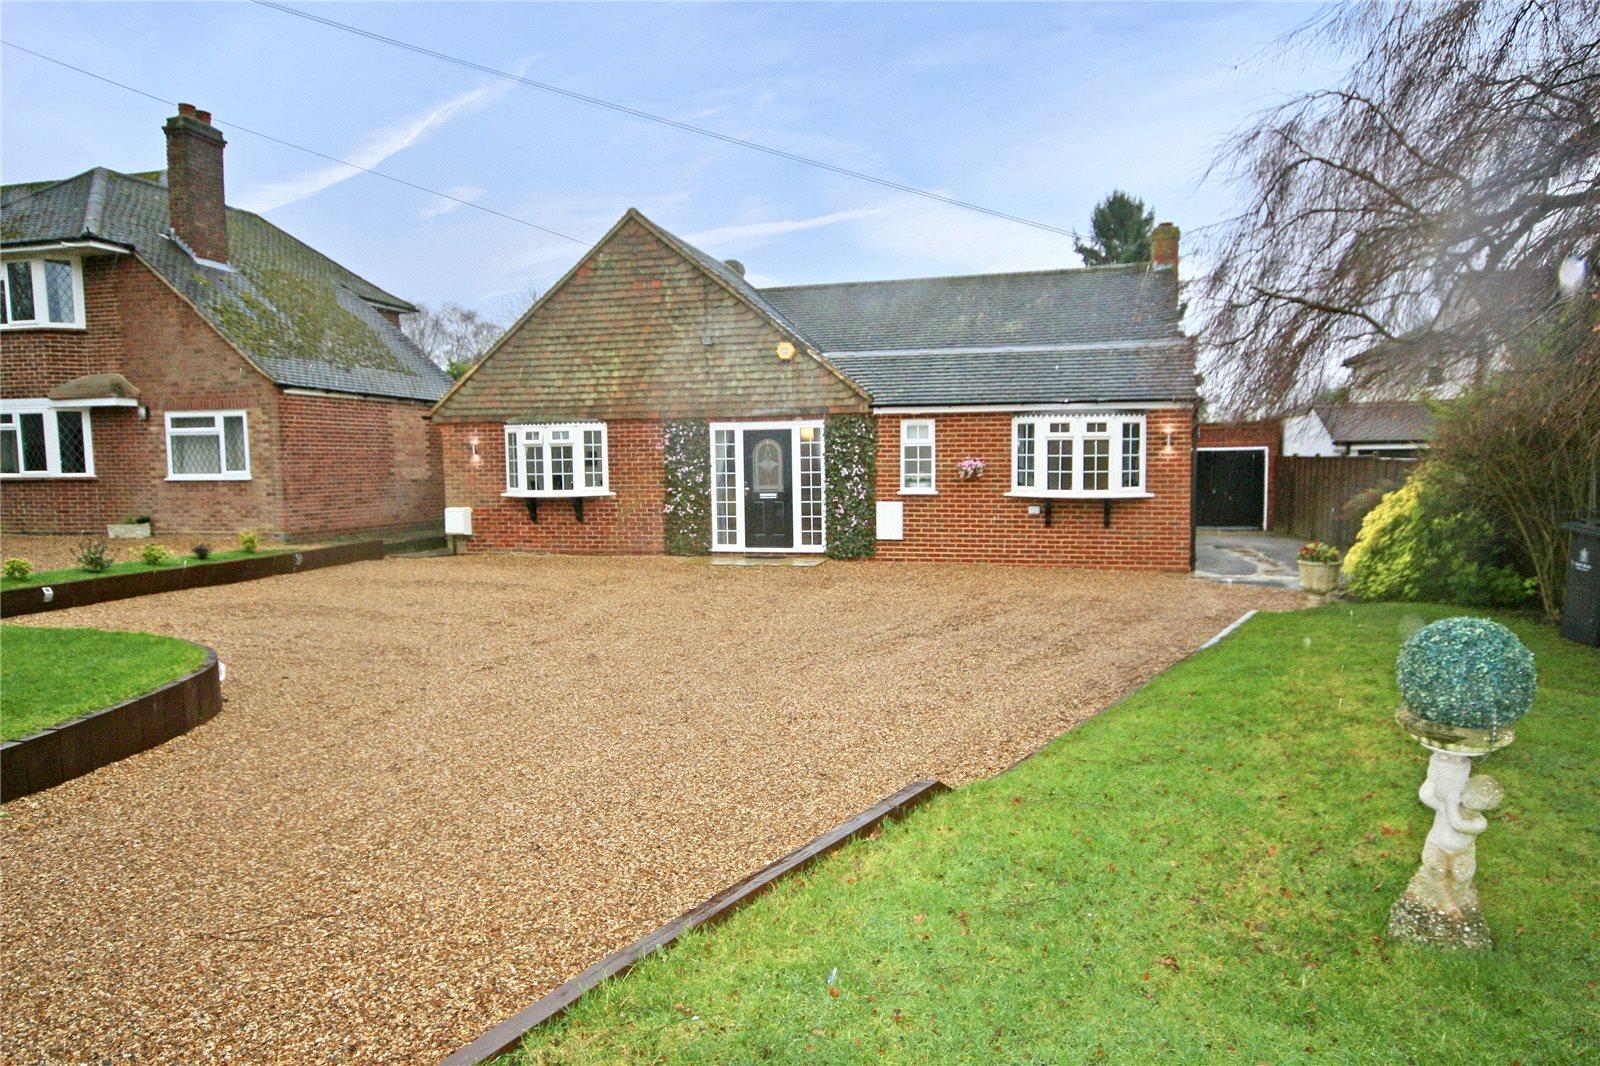 Μονοκατοικία για την Πώληση στο Farthing Green Lane, Stoke Poges, Buckinghamshire, SL2 Stoke Poges, Αγγλια